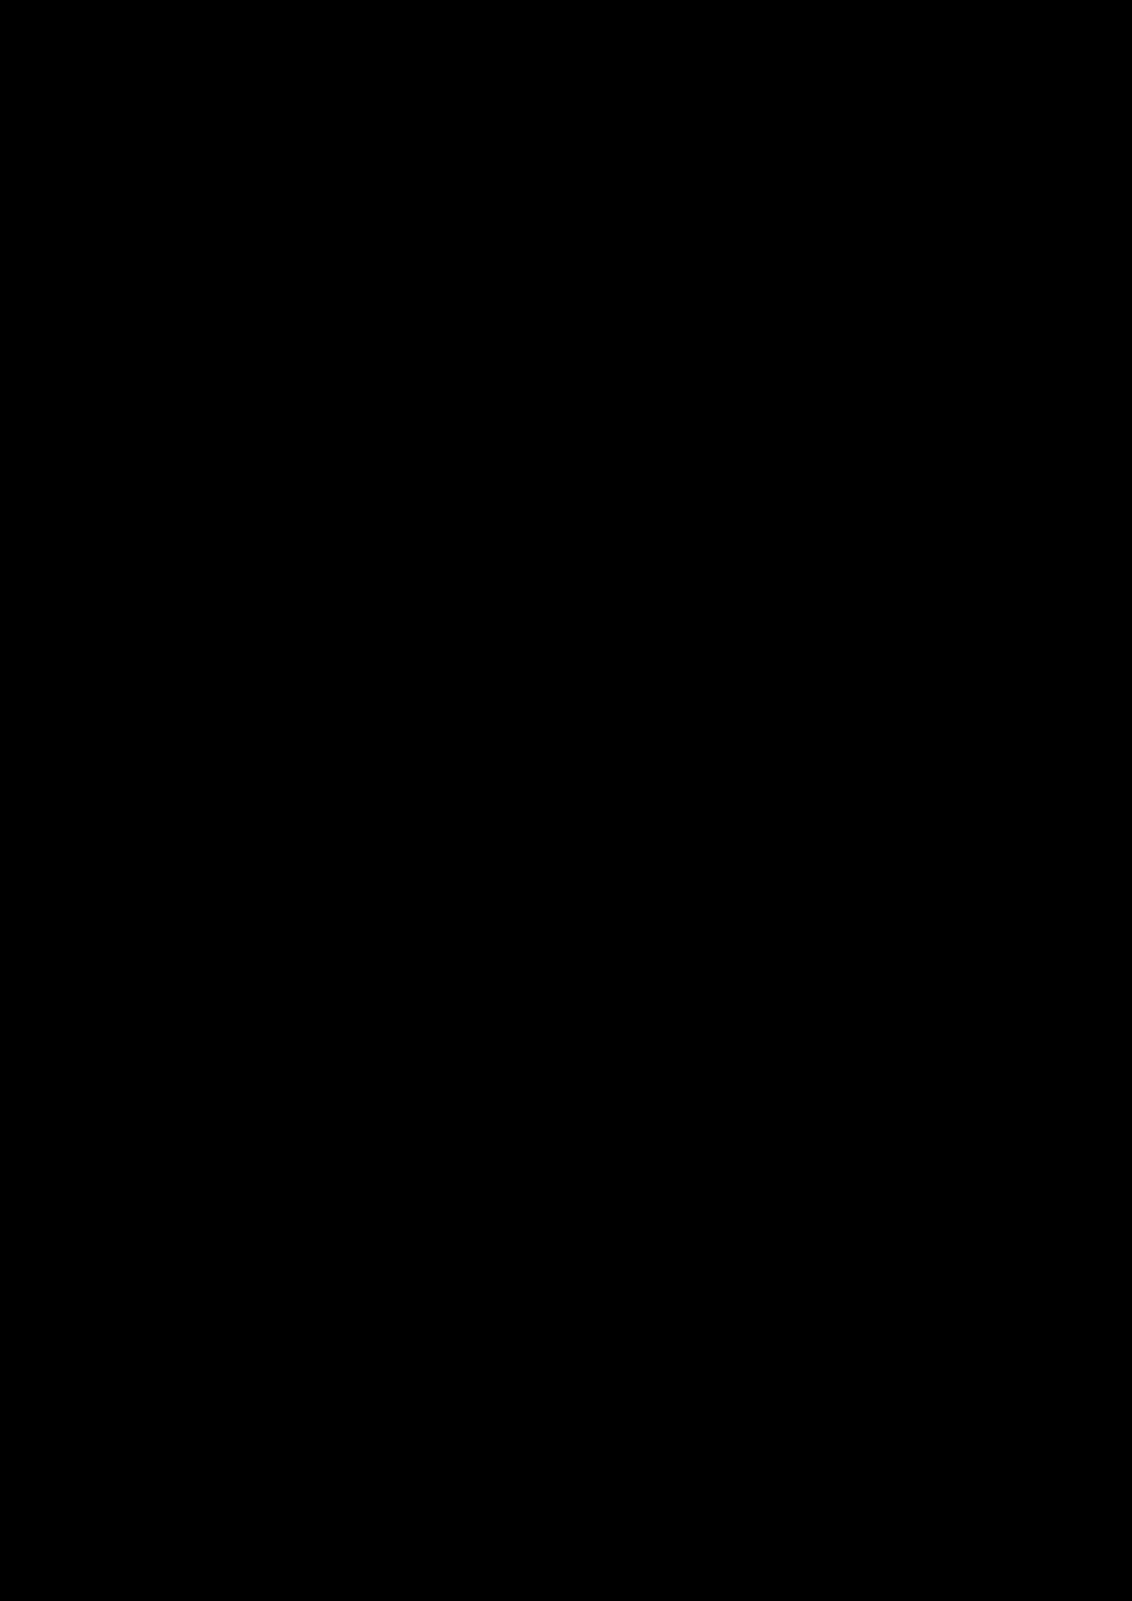 Zagadka volshebnoy stranyi slide, Image 132